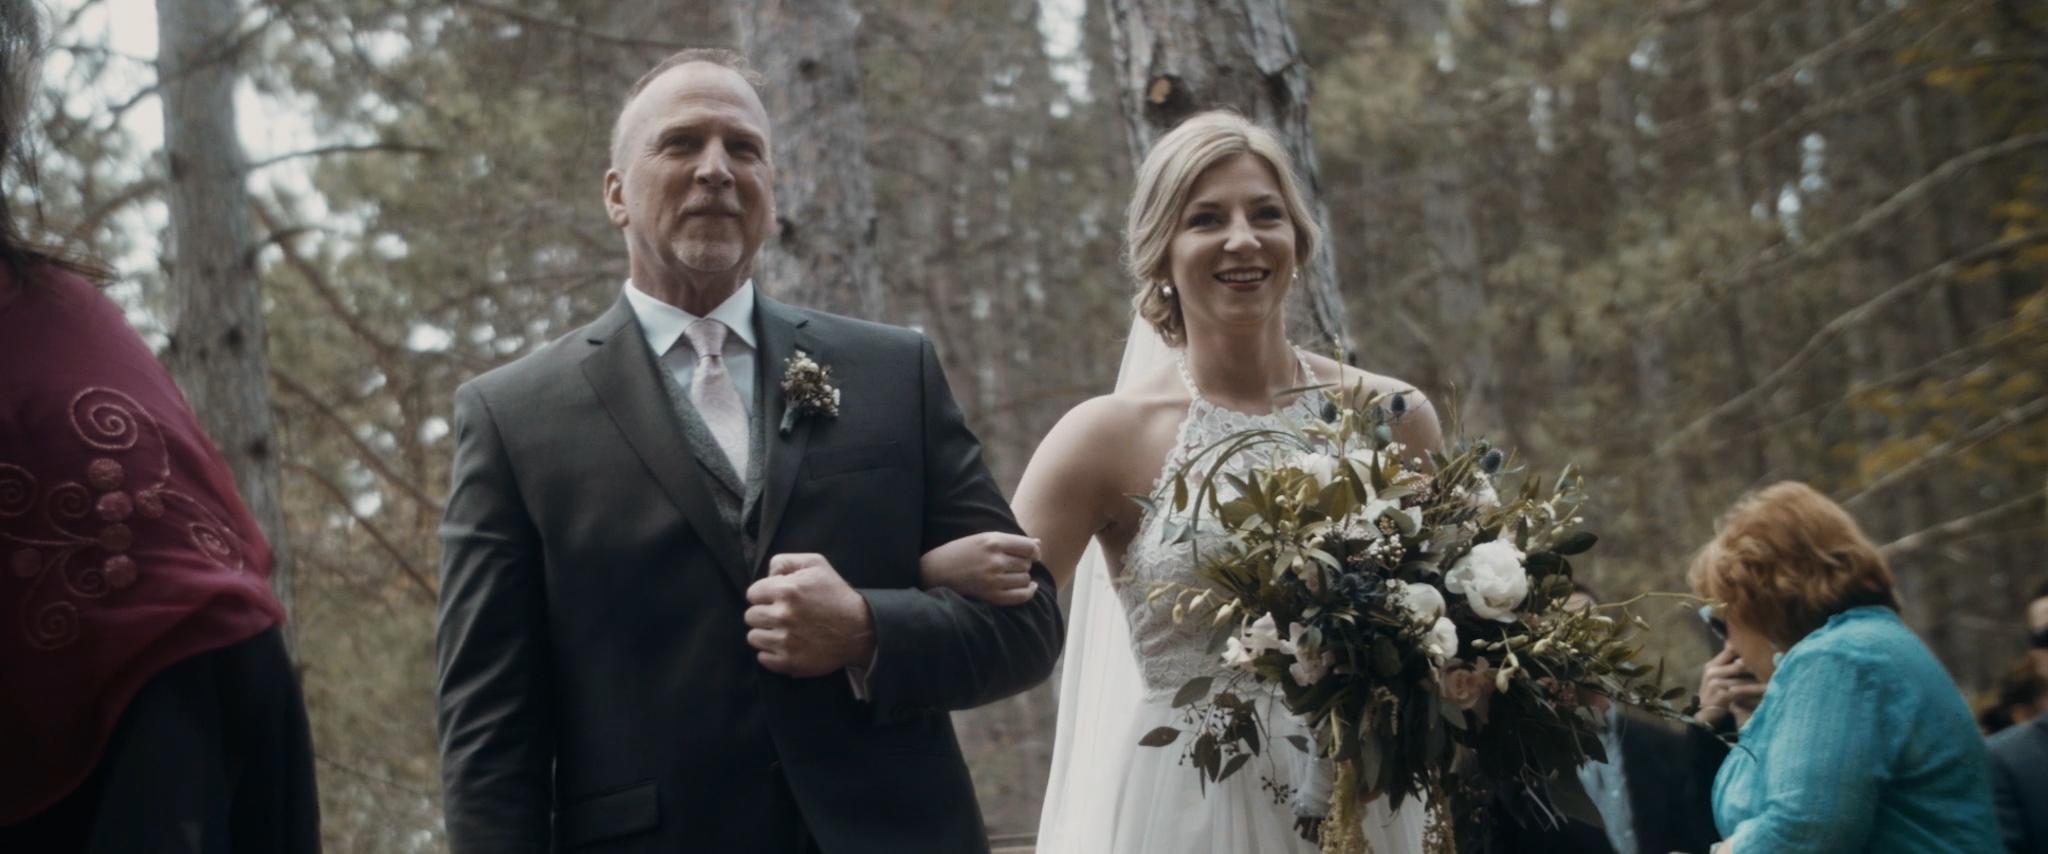 HAVENS_Wedding_Film.00_03_00_01.Still042.jpg